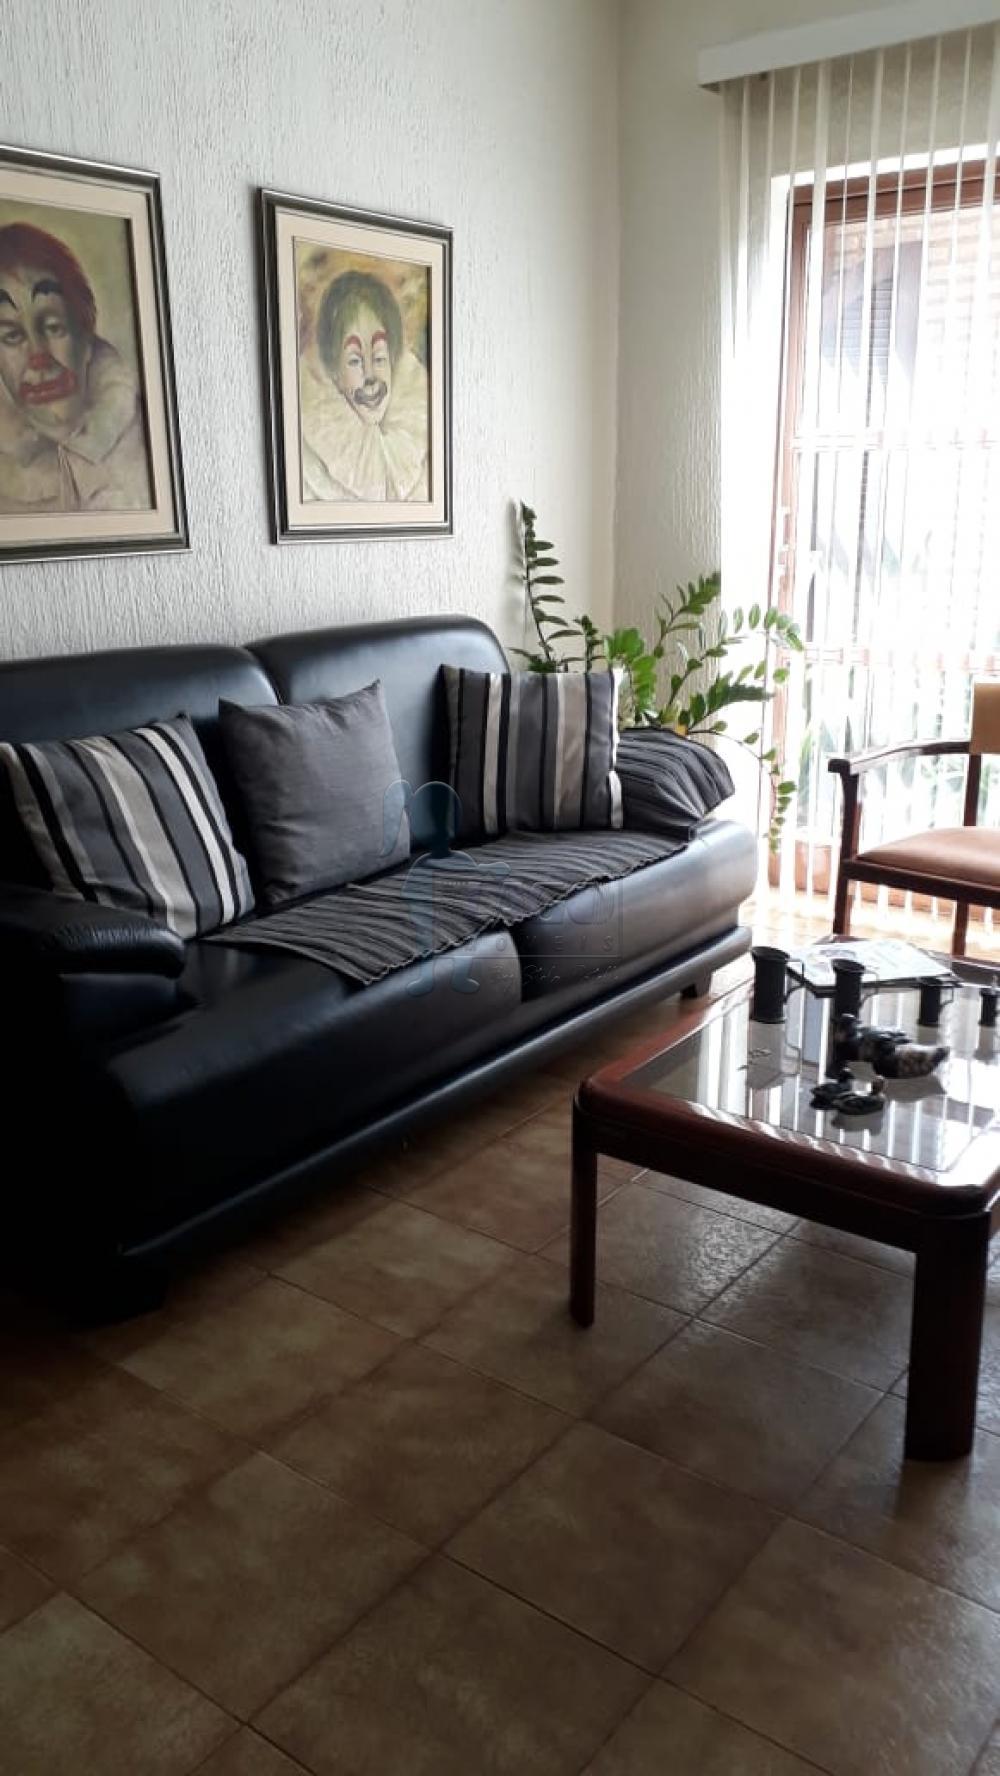 Comprar Casas / Terrea em Ribeirão Preto apenas R$ 550.000,00 - Foto 3